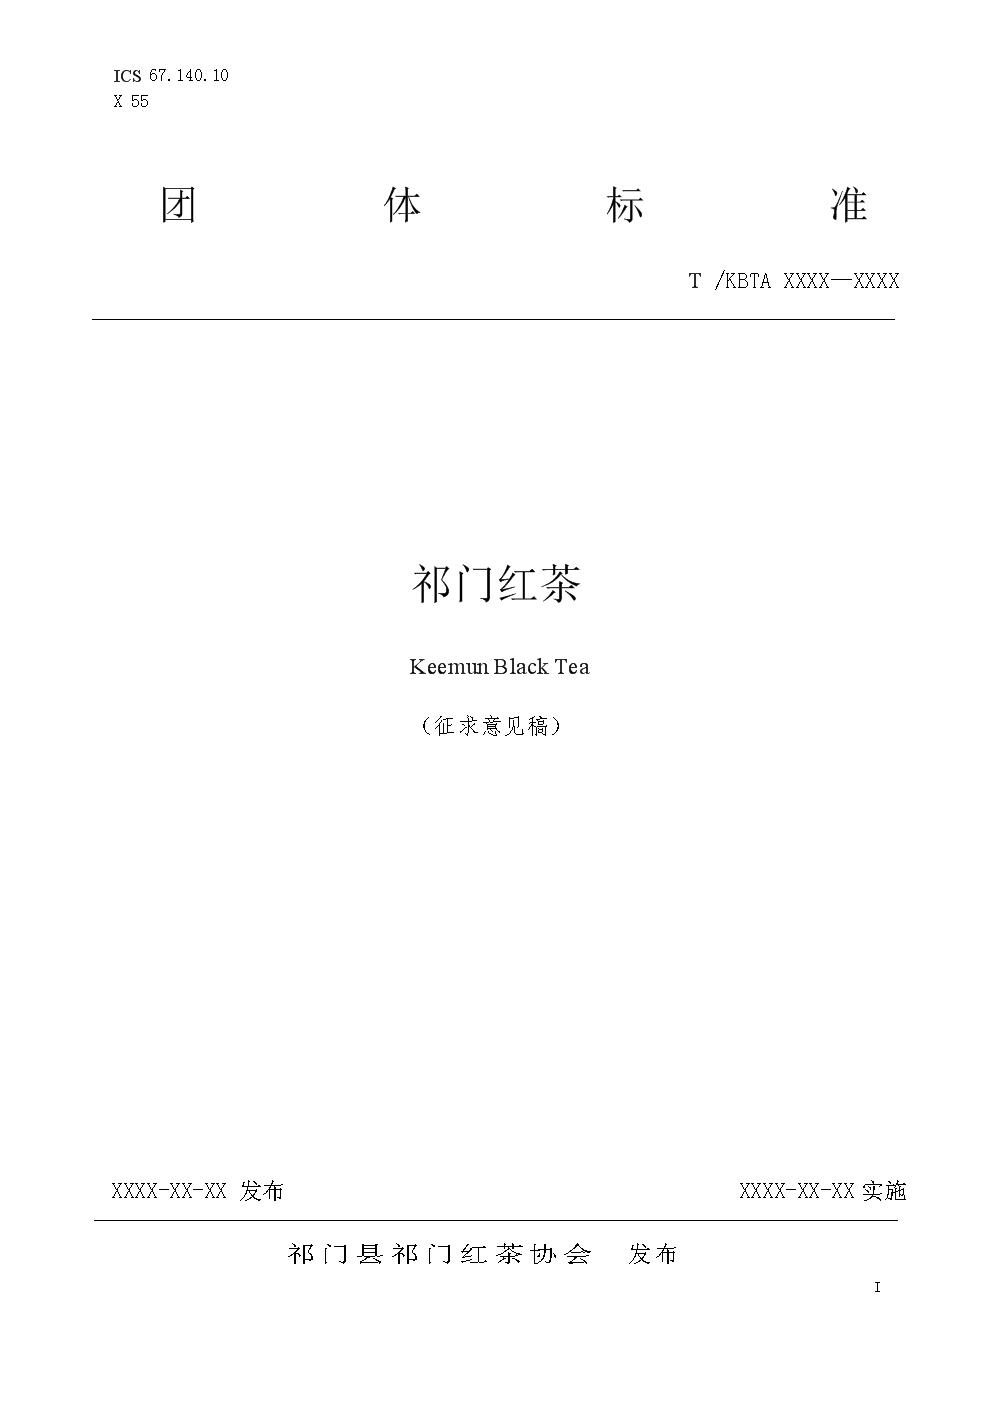 祁门红茶团体标准(征求意见稿).docx